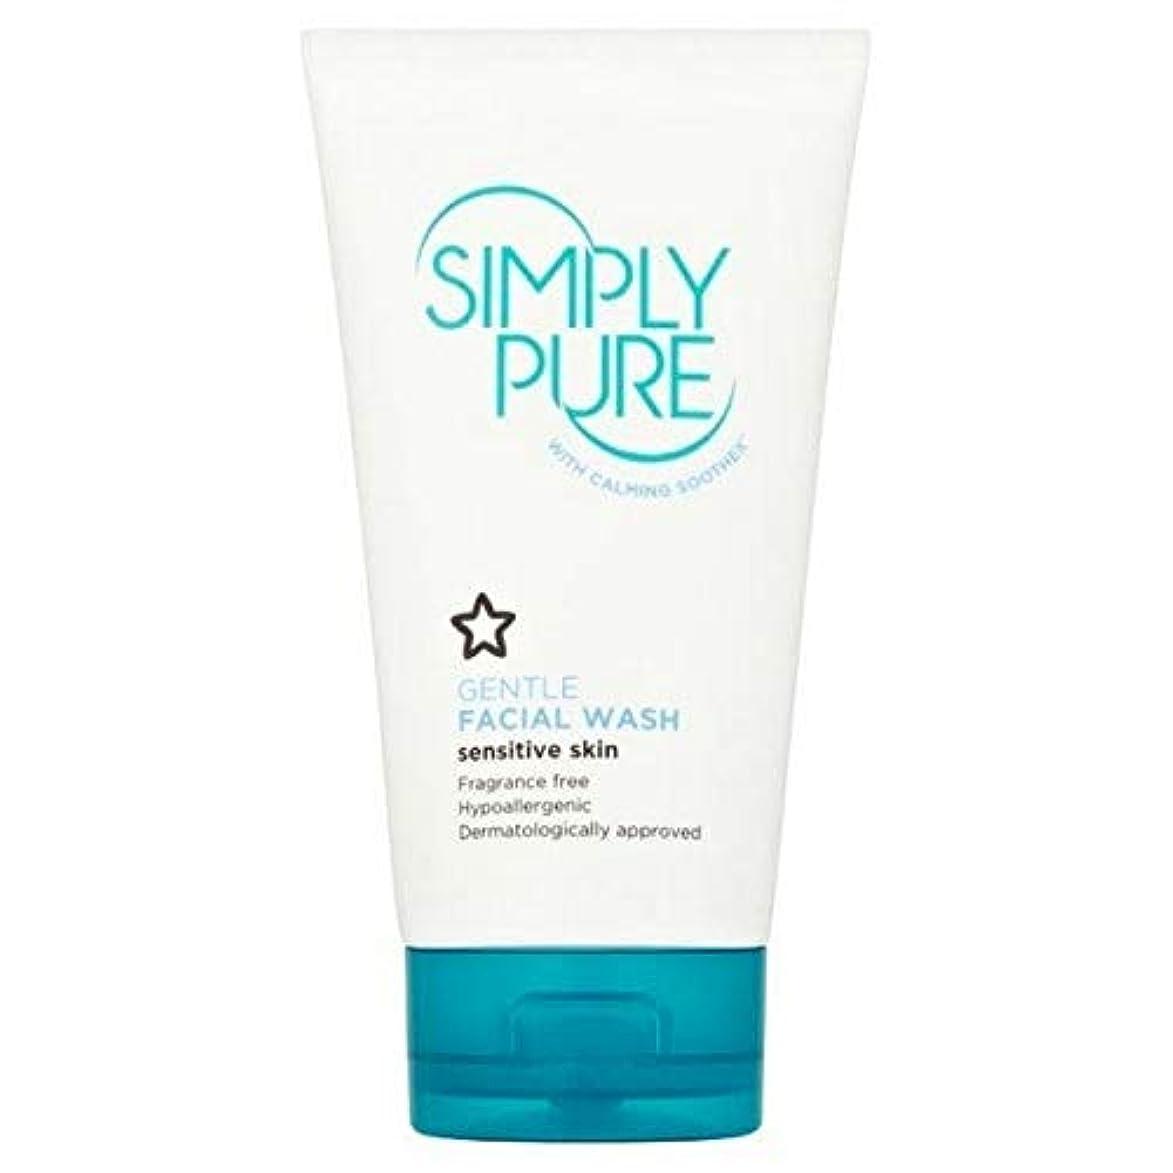 満足マッサージところで[Simply Pure] 単に純粋な洗顔の150ミリリットル - Simply Pure Face Wash 150ml [並行輸入品]